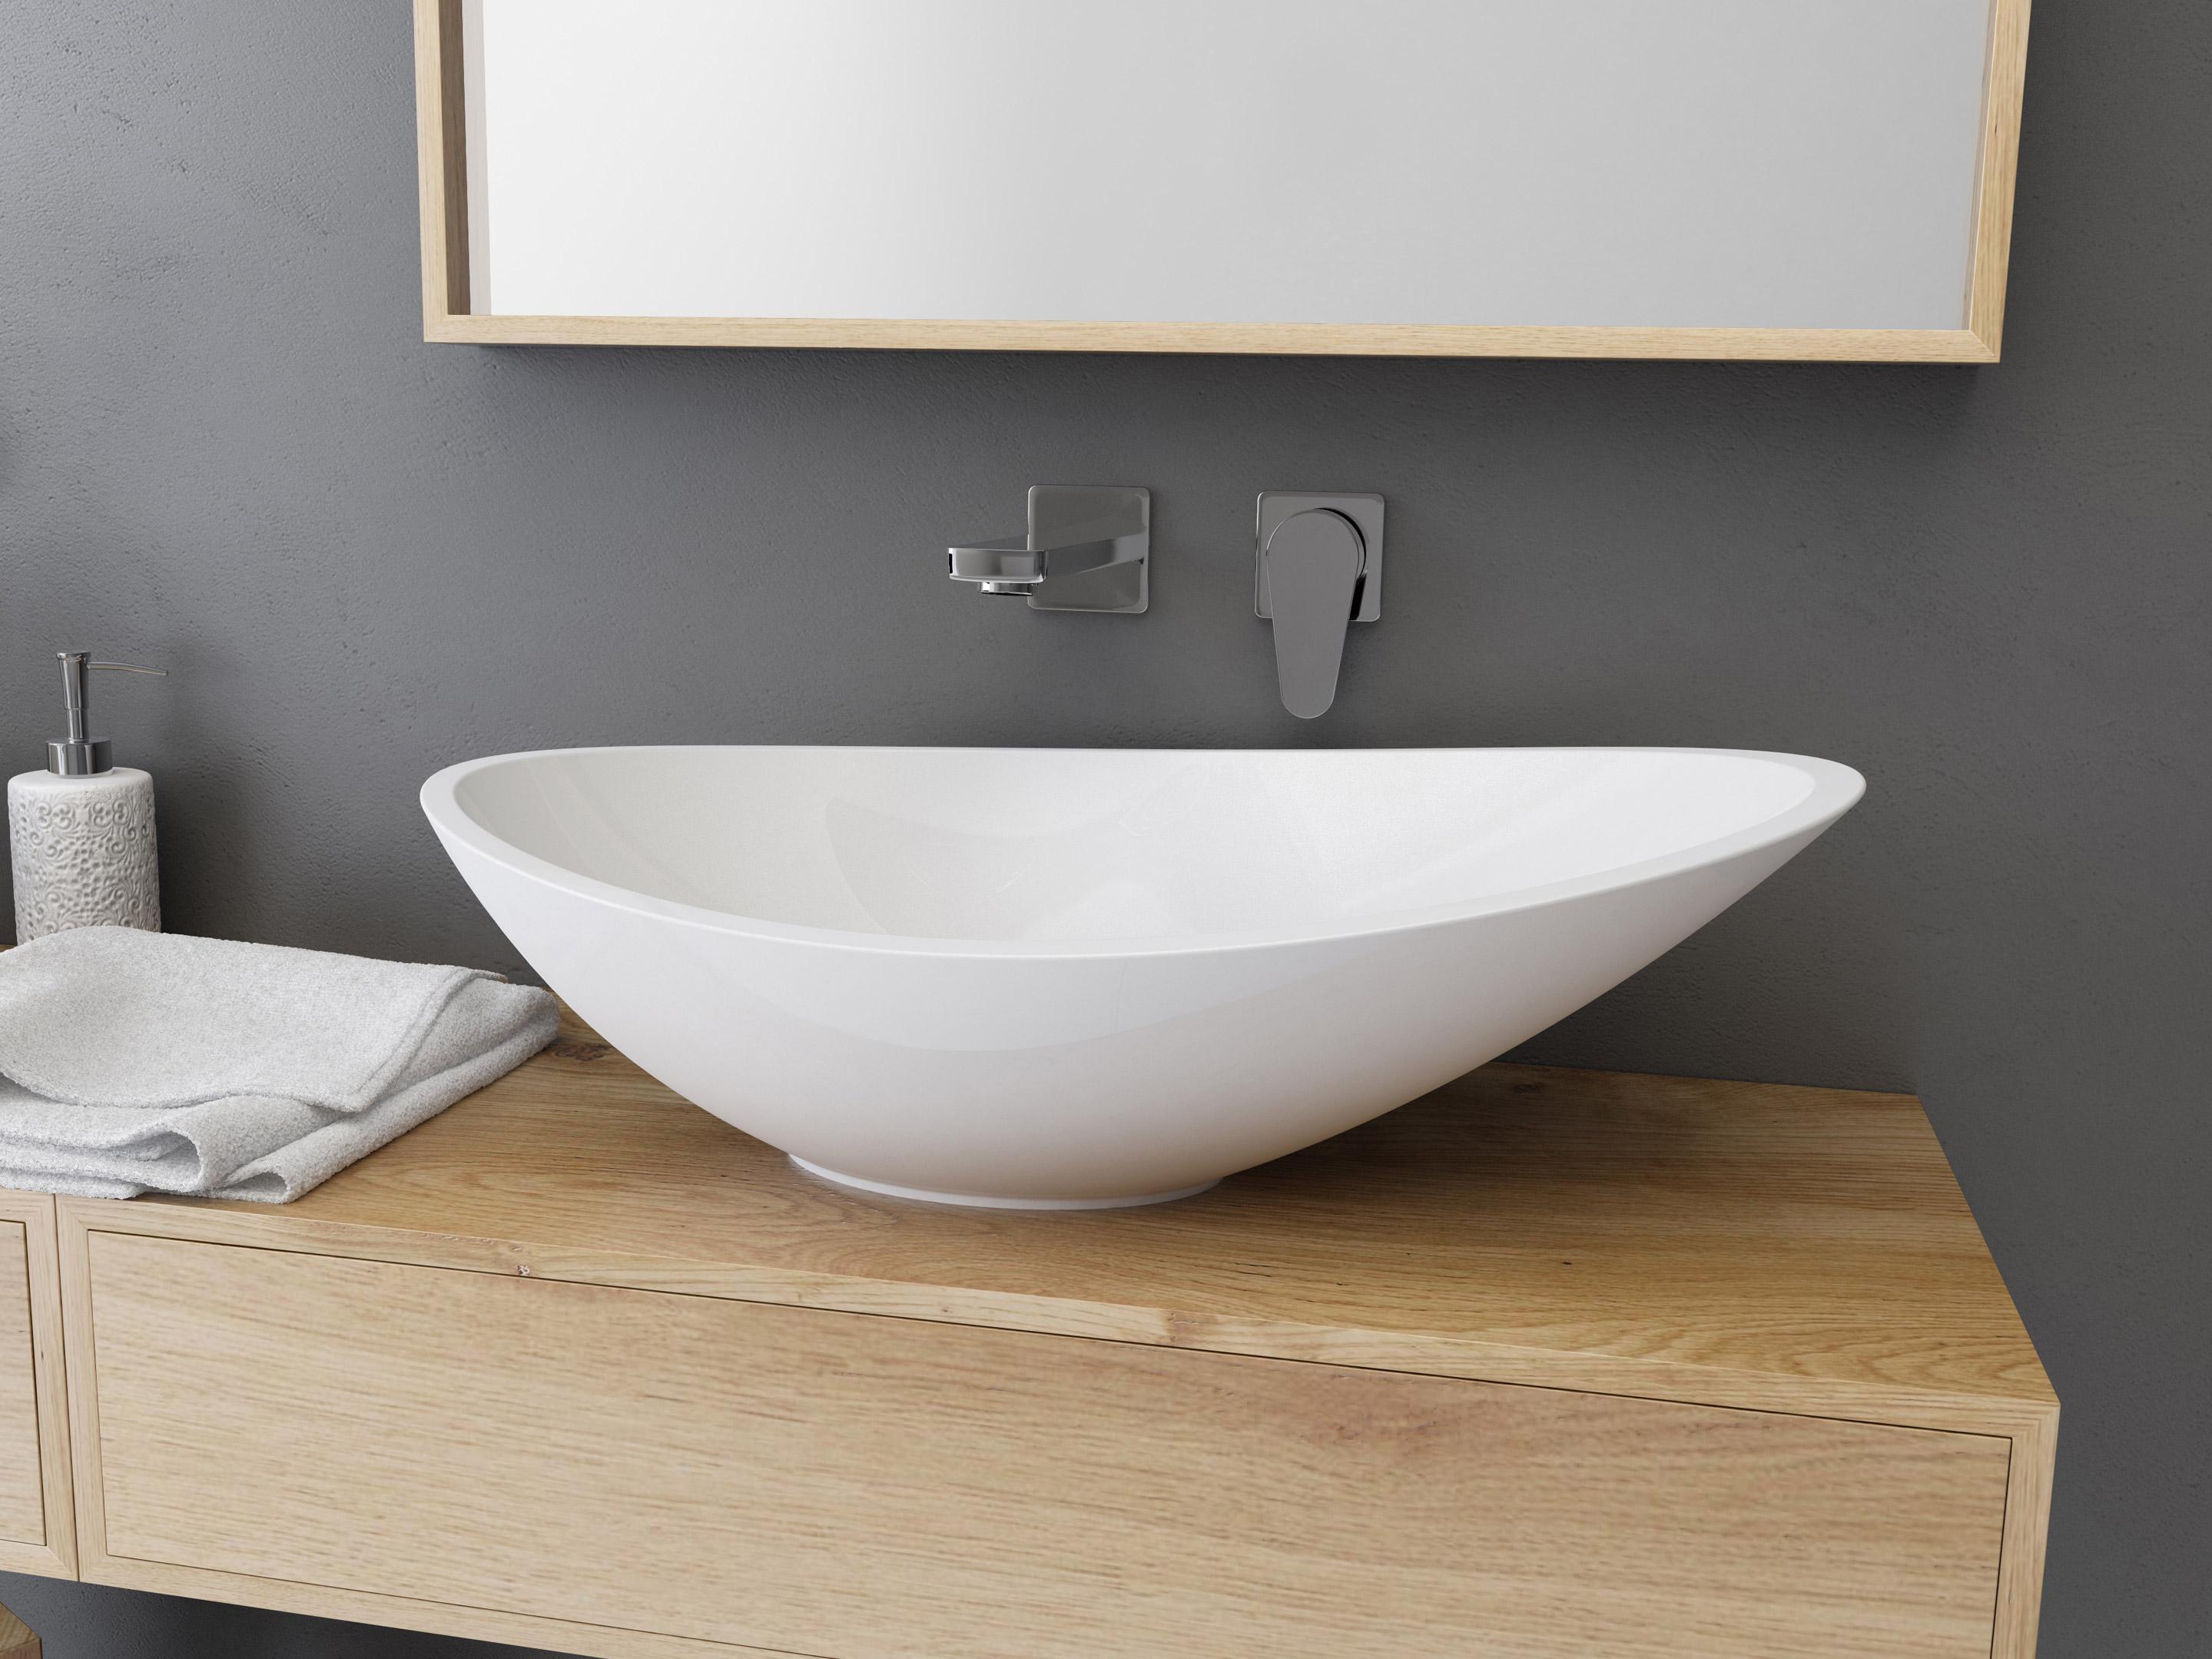 Vasque à Poser Résine De Synthèse L.56.4 X P.32.3 Cm Blanc Shila ...